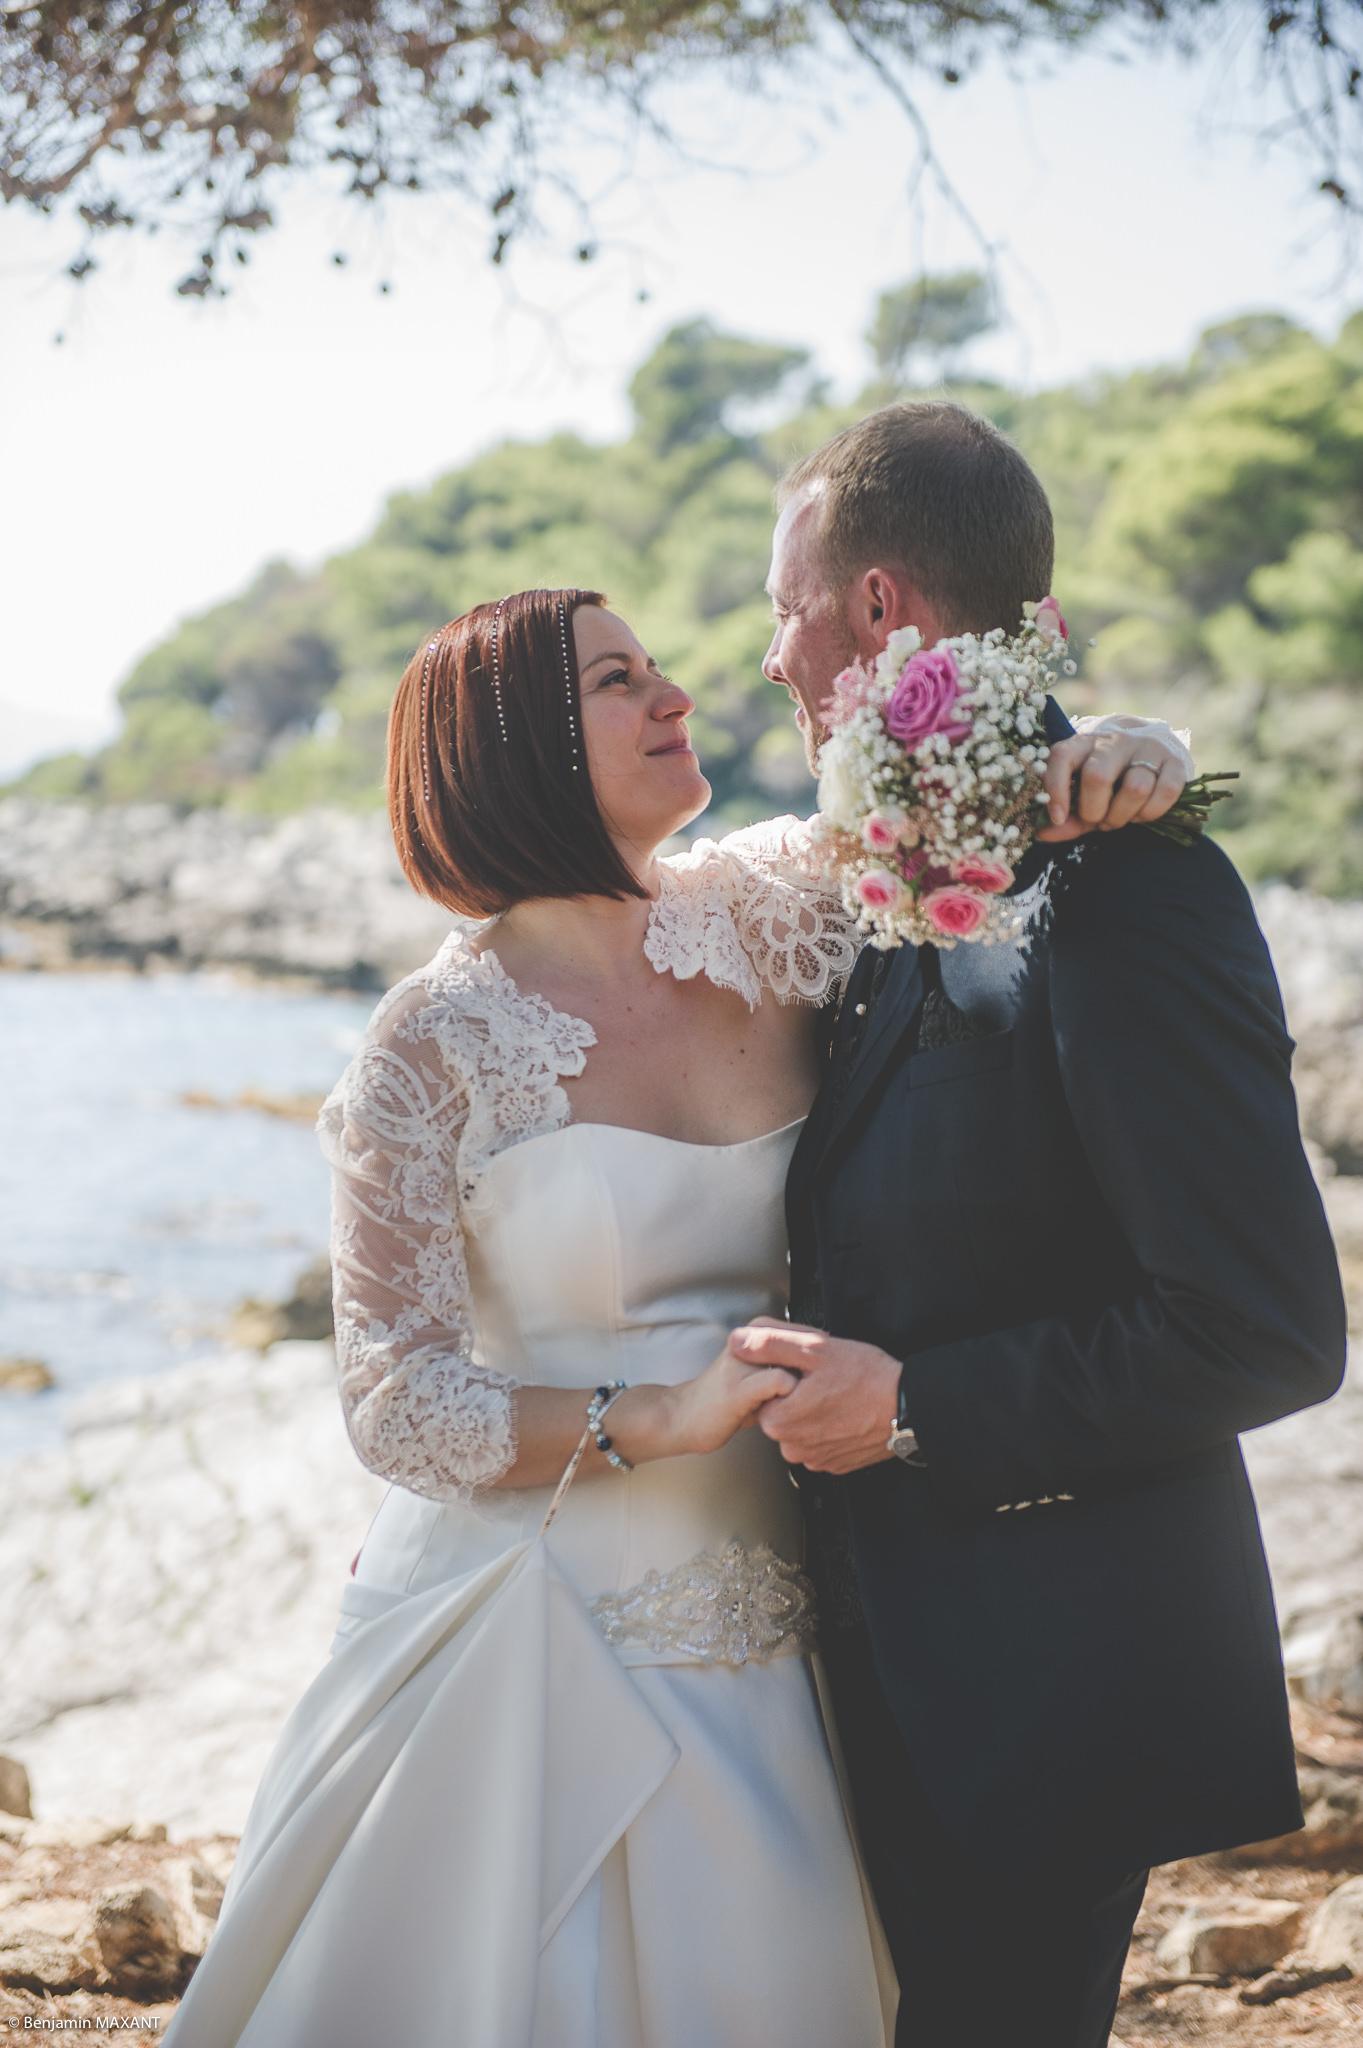 Séance photo engagement avec Sophie et Guillaume à Antibes